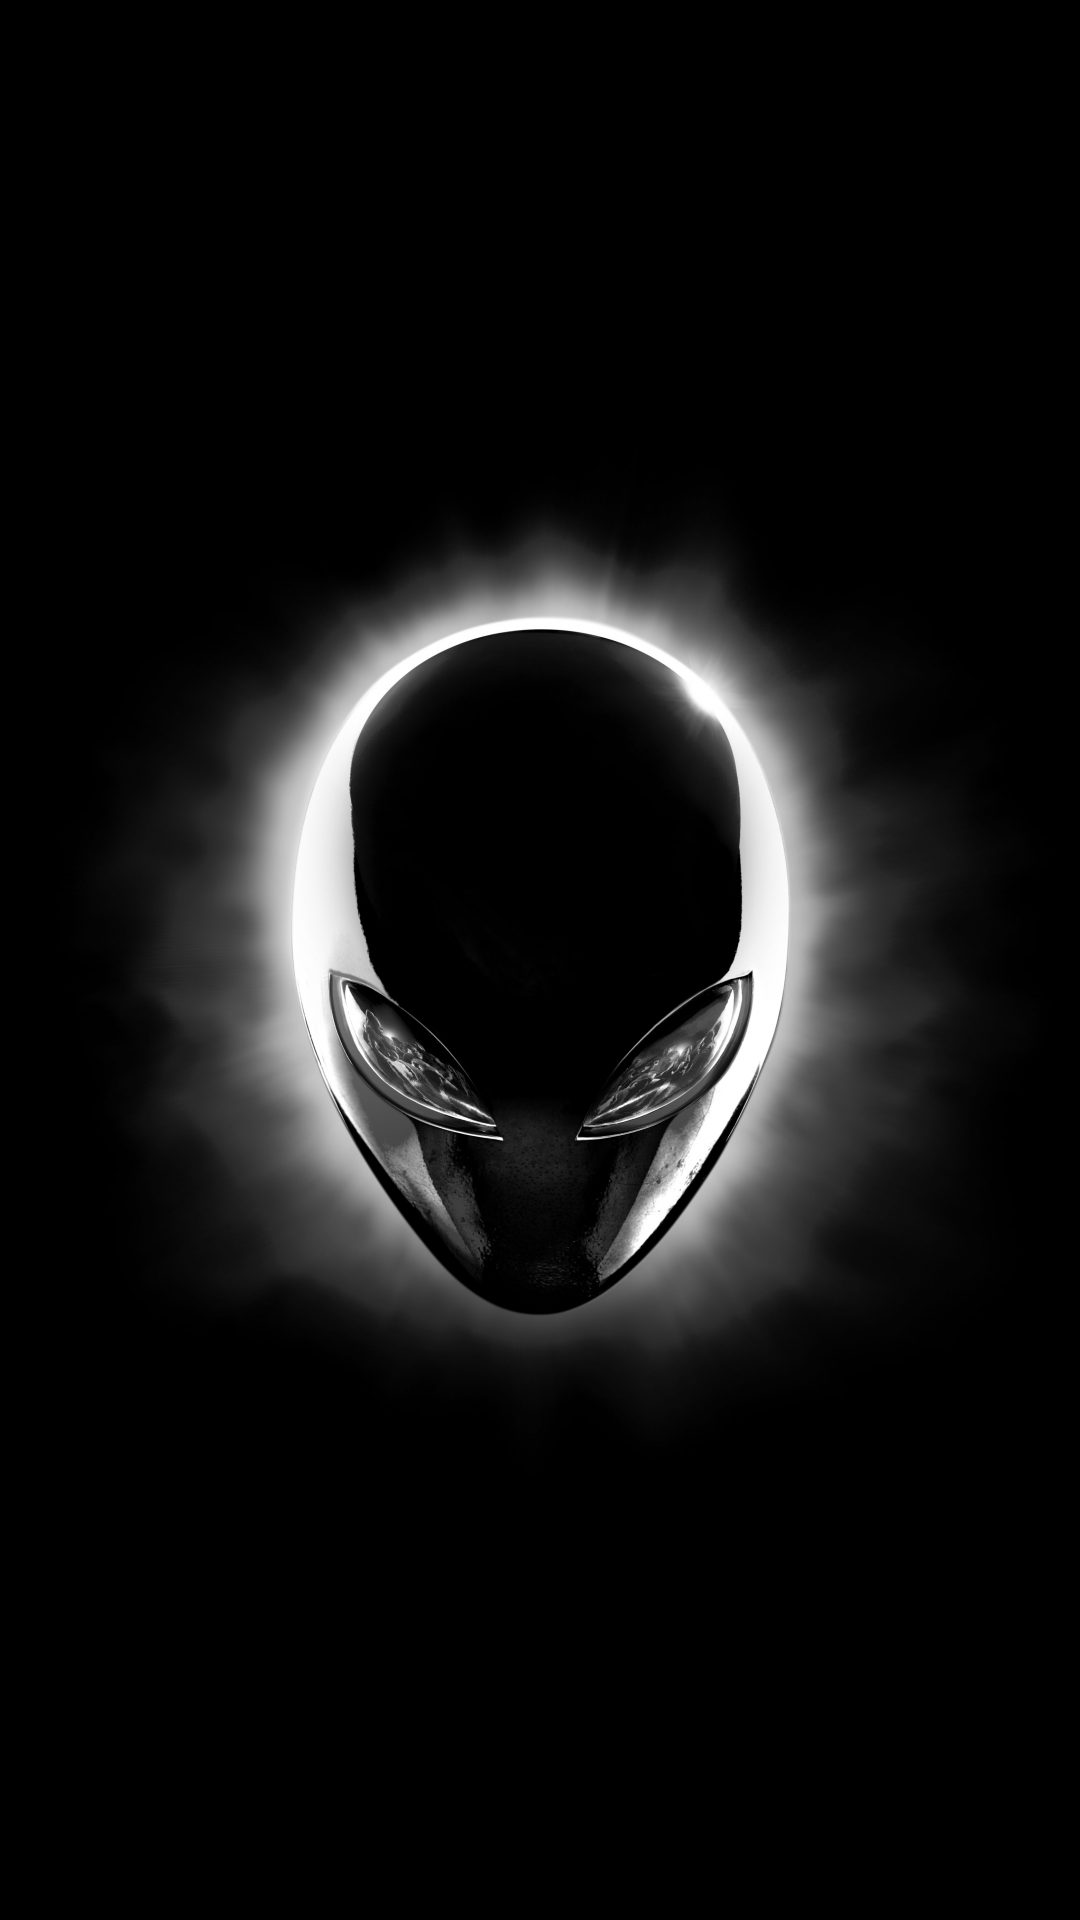 Alienware Logo Hd Wallpaper Alienware Eclipse Head Black 8k Uhd Wallpaper